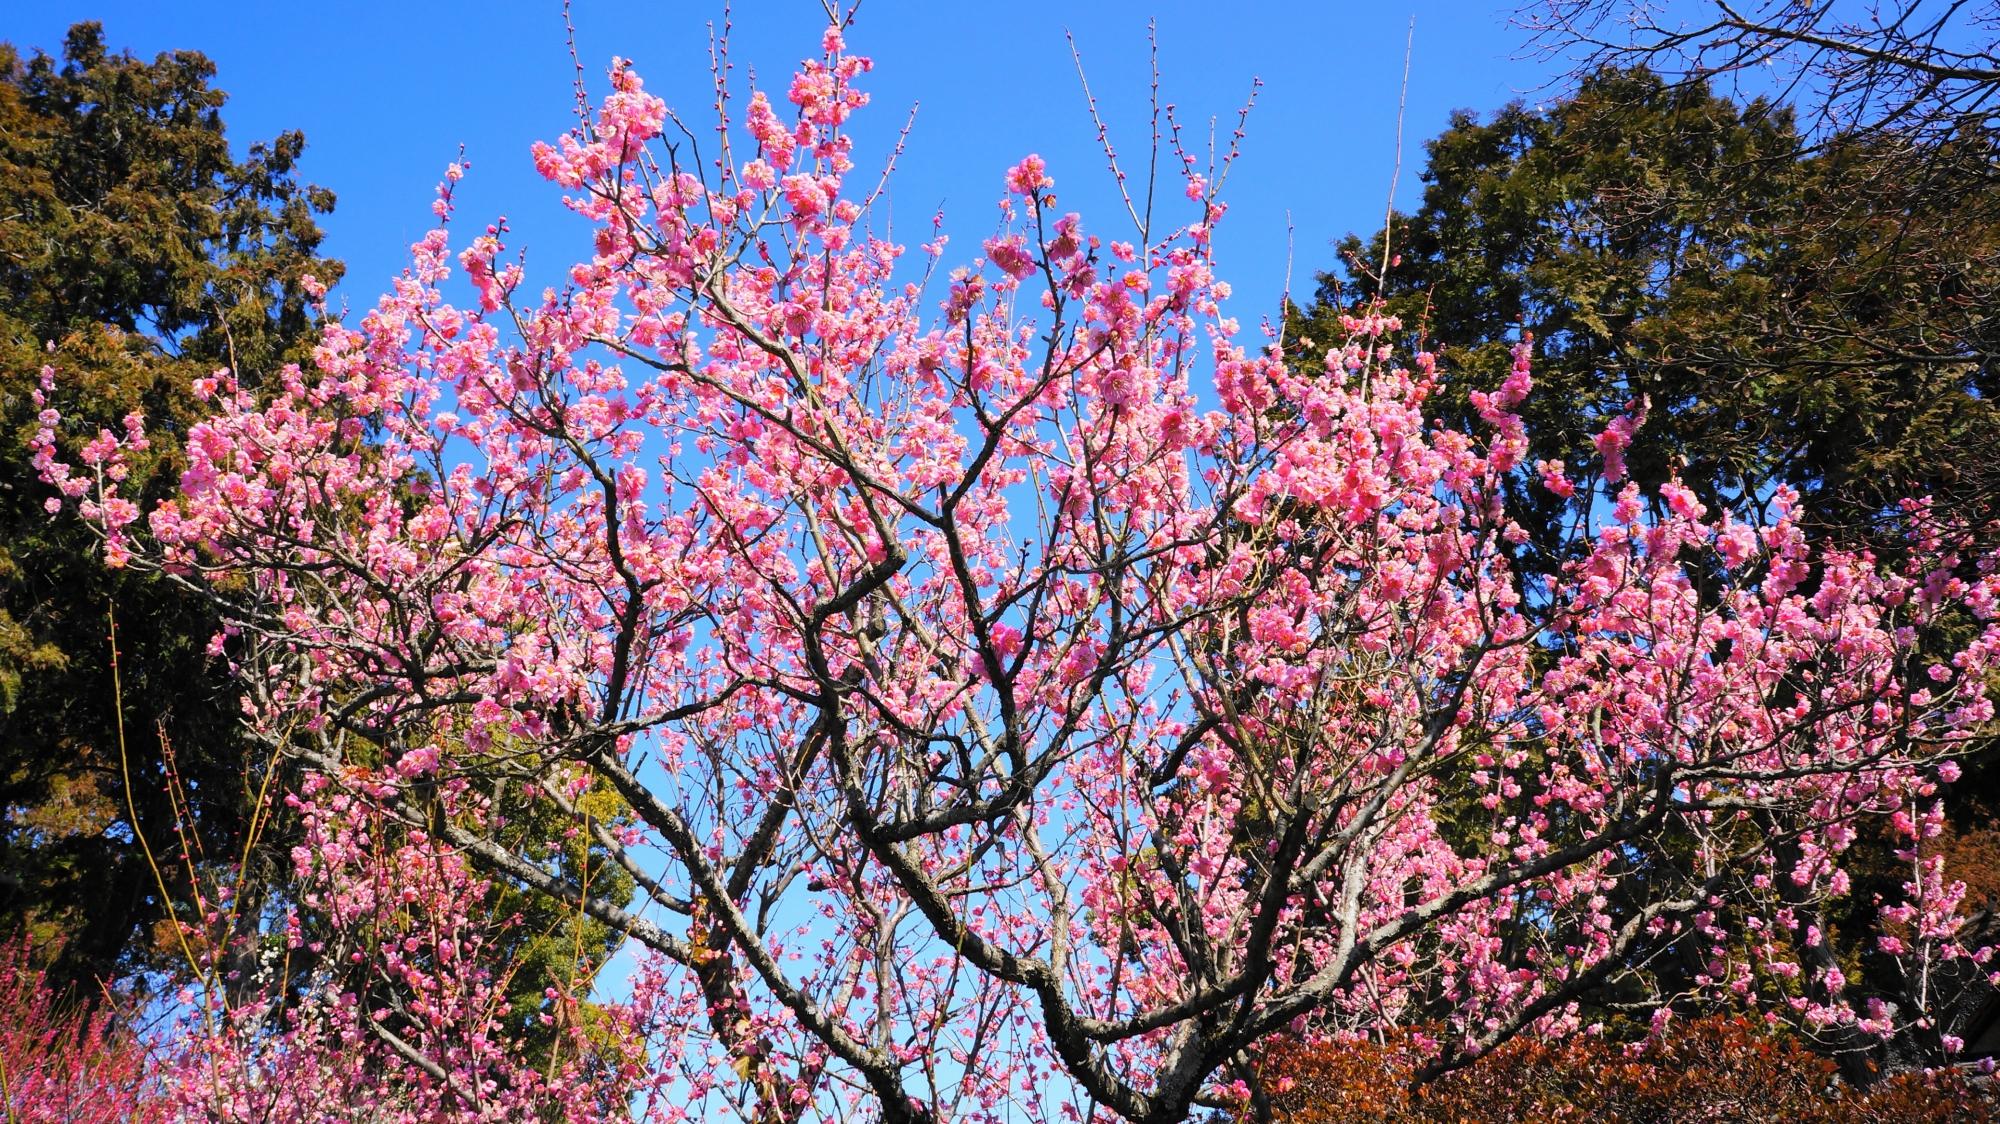 いろんな色の梅の花が見ごろの梅宮大社の神苑